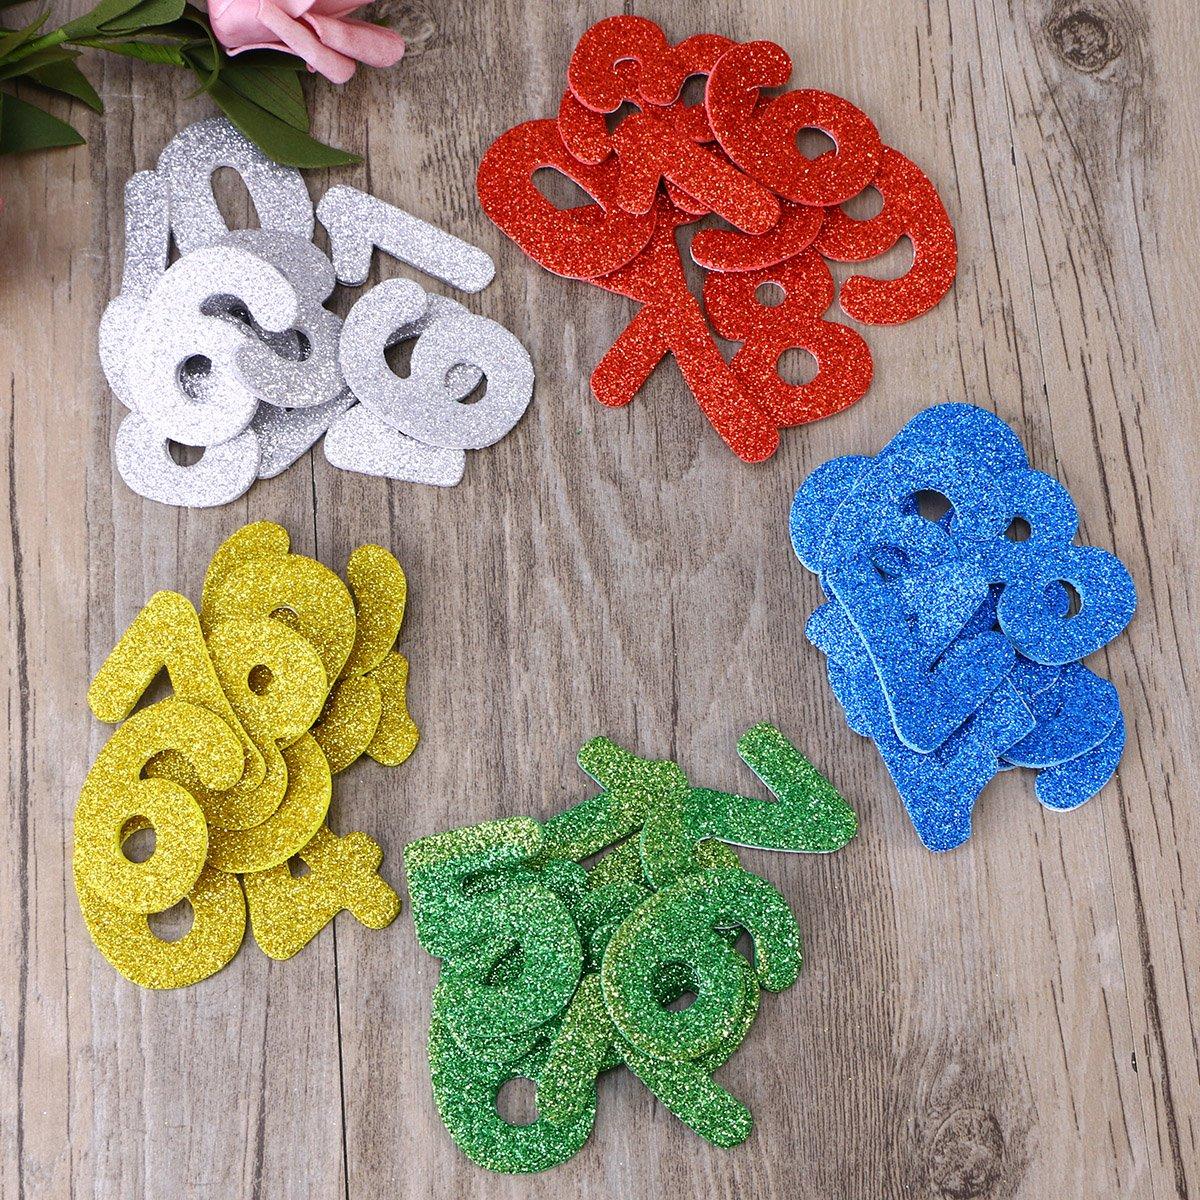 TOYMYTOY toymy Toy 200/Unidades 0/ /9/N/úmeros Pegatinas Etiqueta reluciente EVA Etiqueta para ni/ños